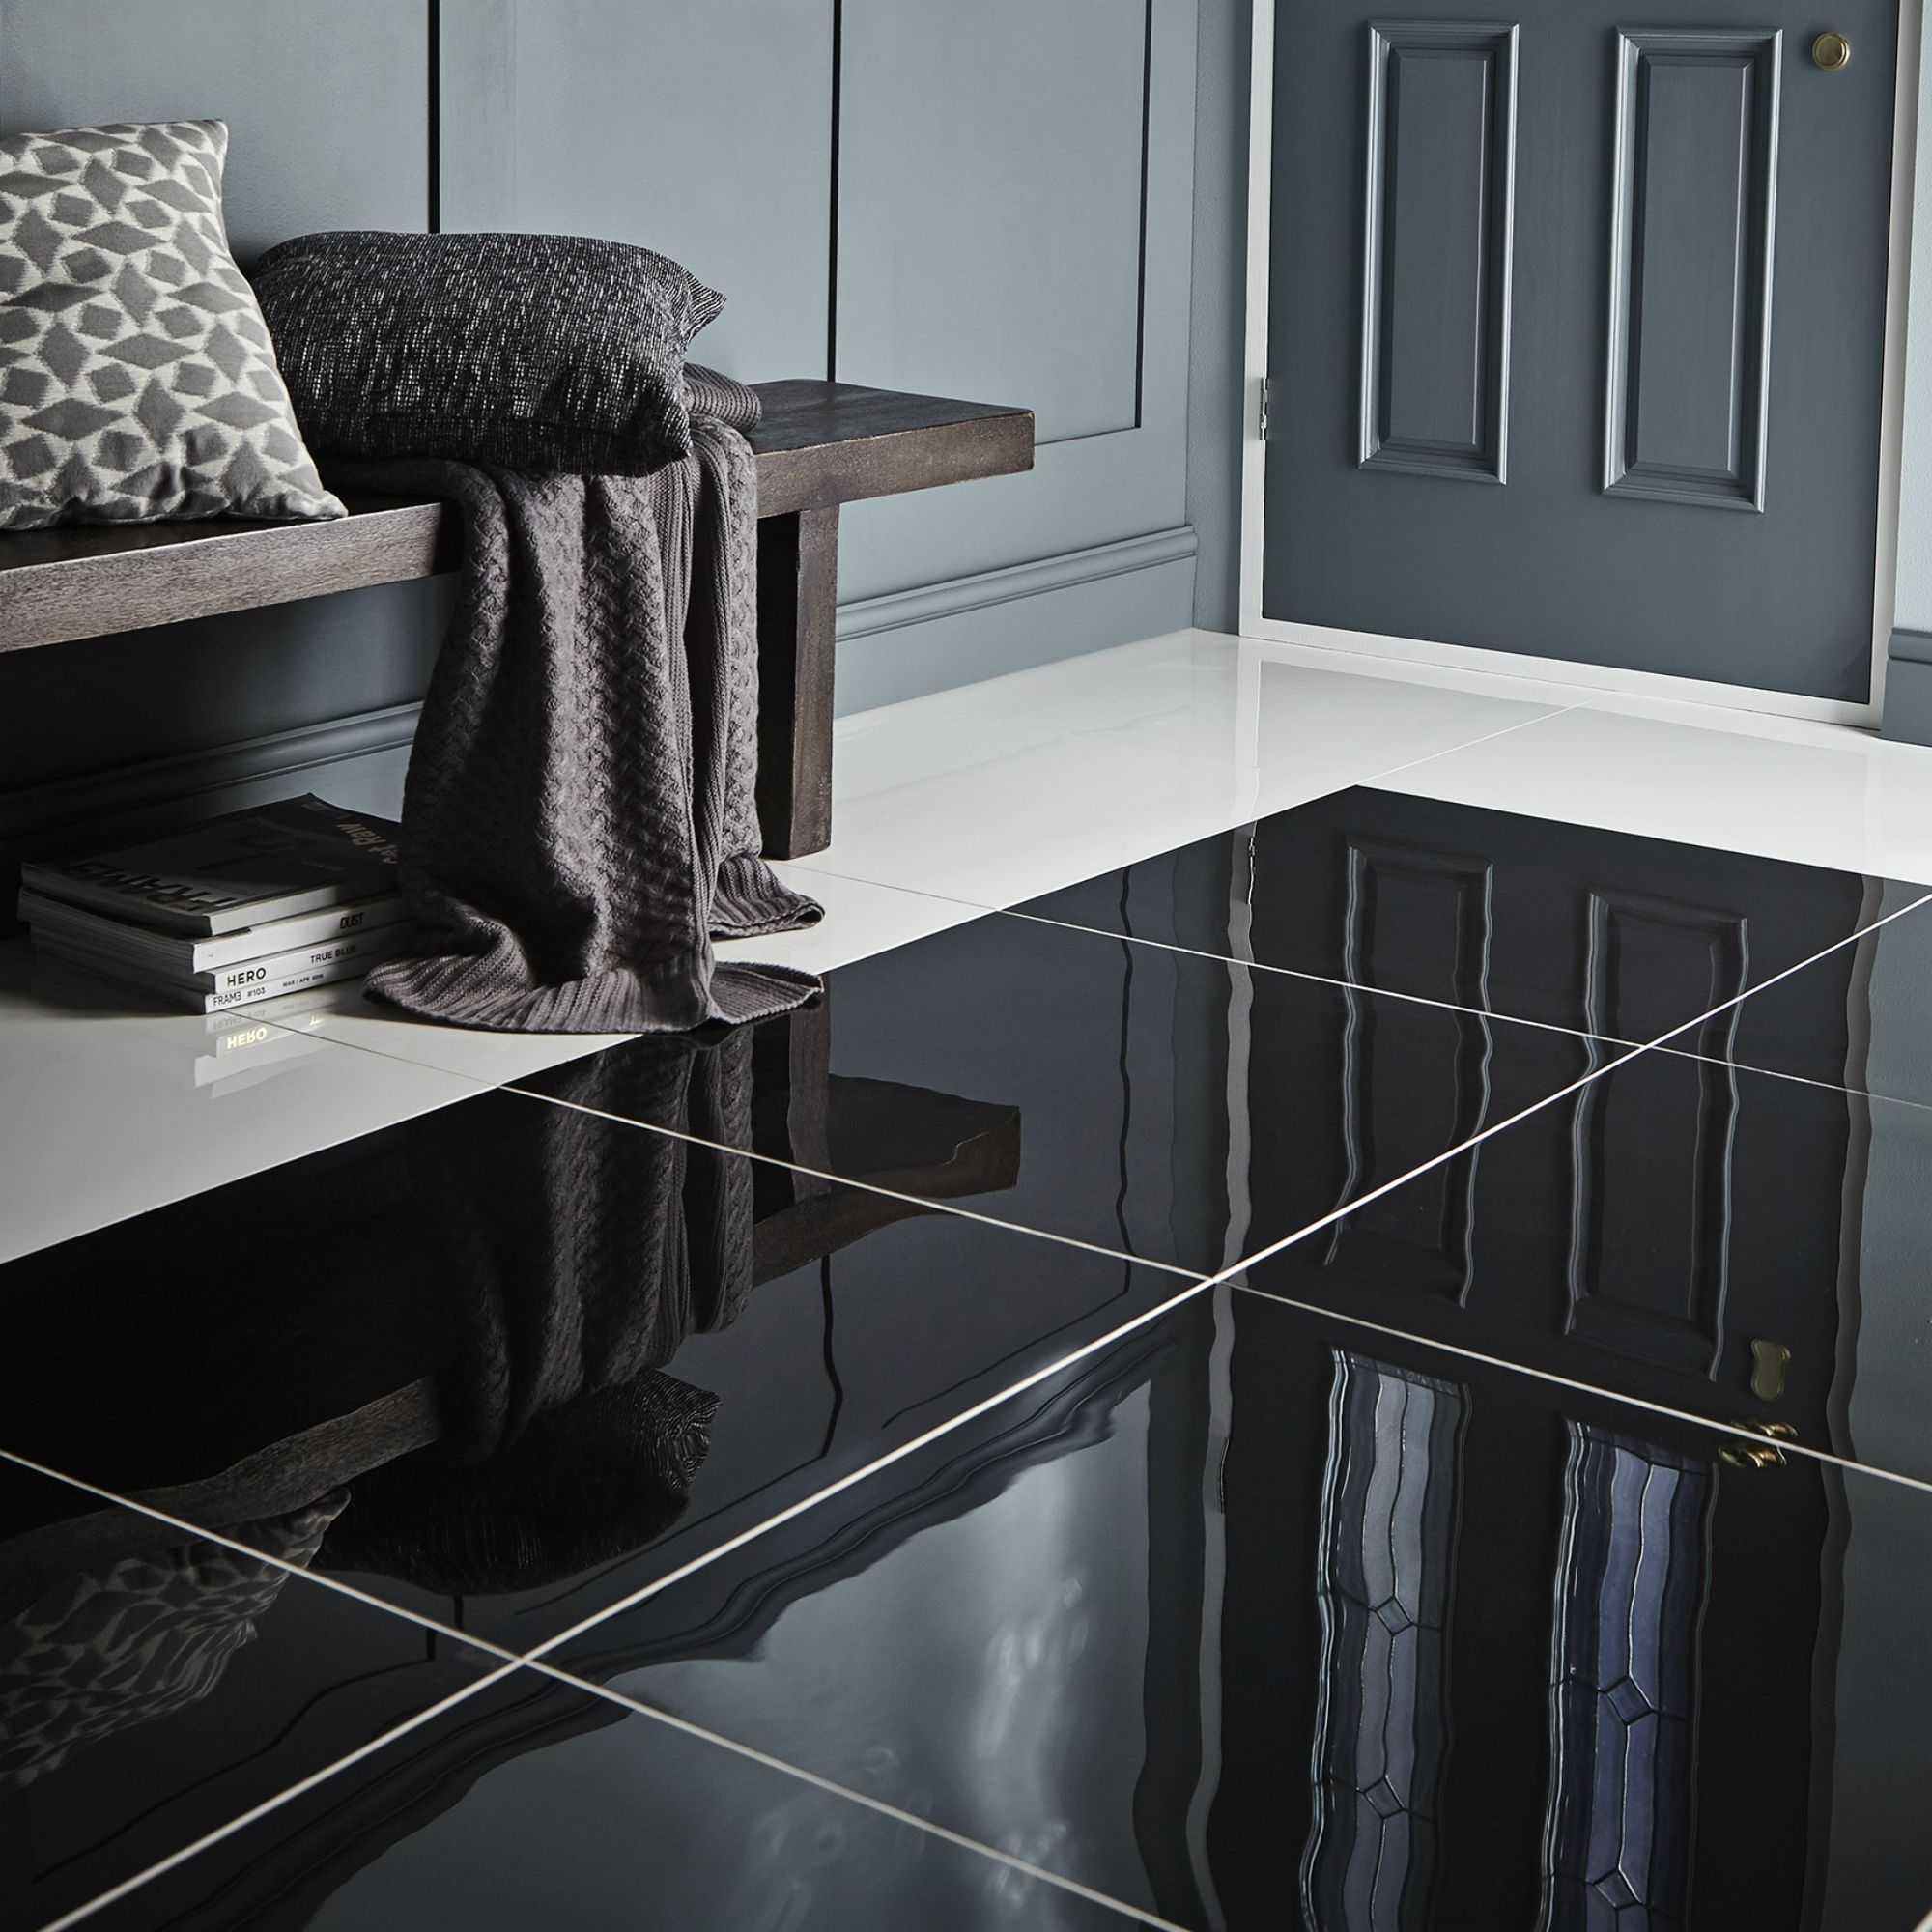 Livourne Black Polished Floor Tile Pack Of 3 L 600mm W 600mm